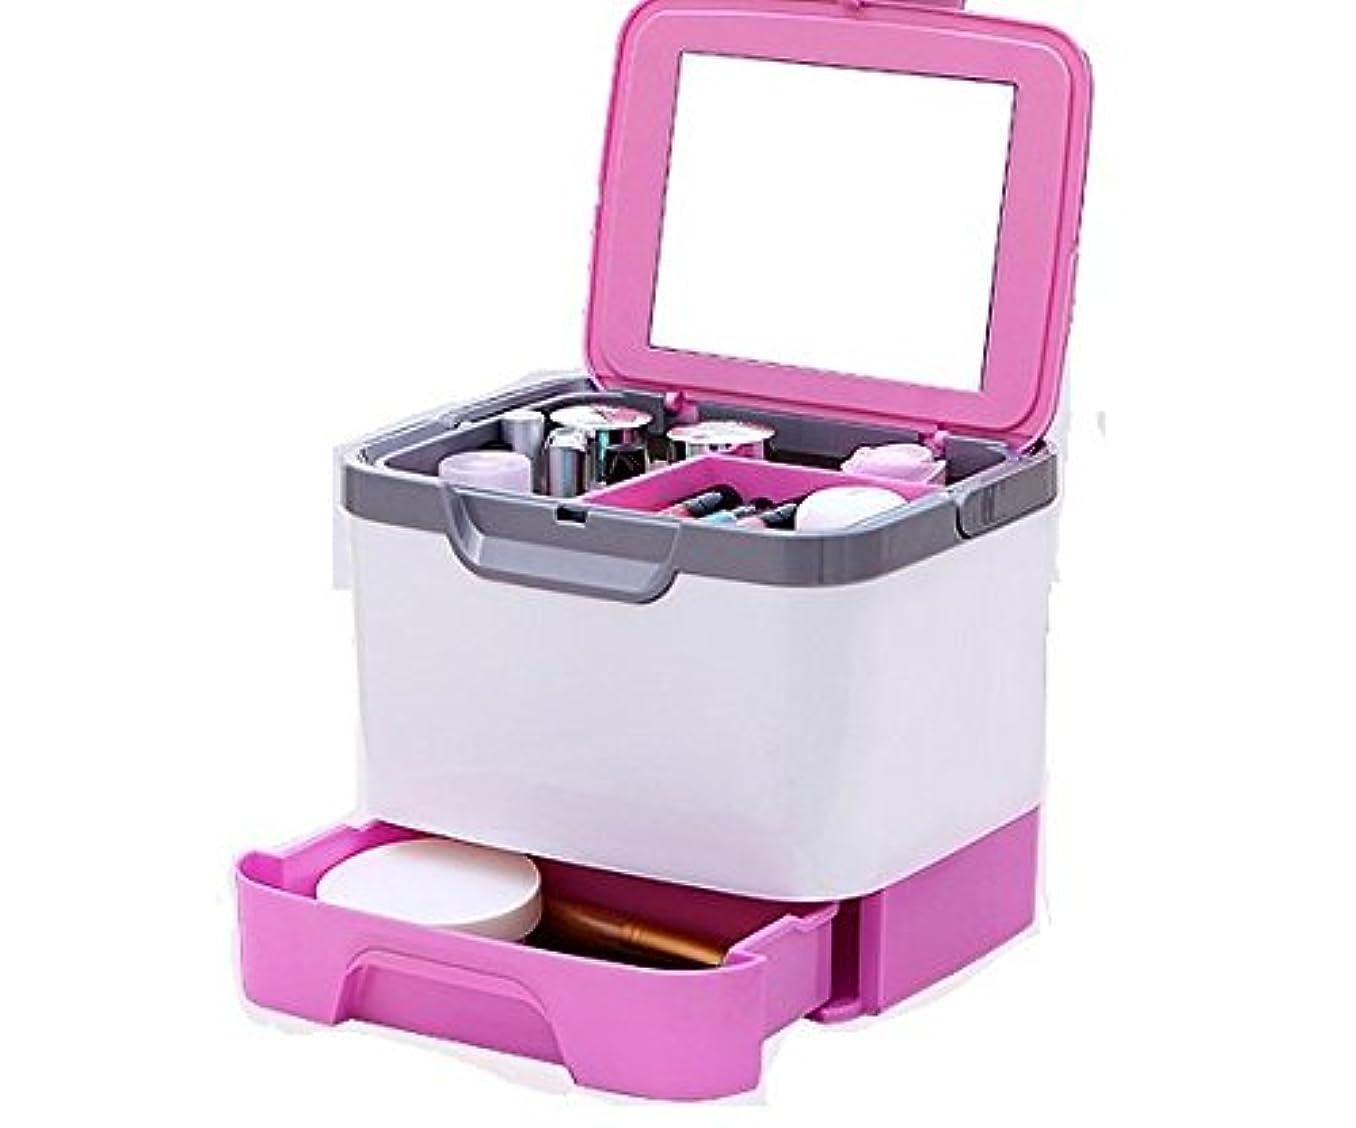 絶滅した疼痛匹敵しますメイクボックス 大容量 かわいい 鏡付き プロも納得 コスメの収納に (ピンク、ブルー、グリーン)